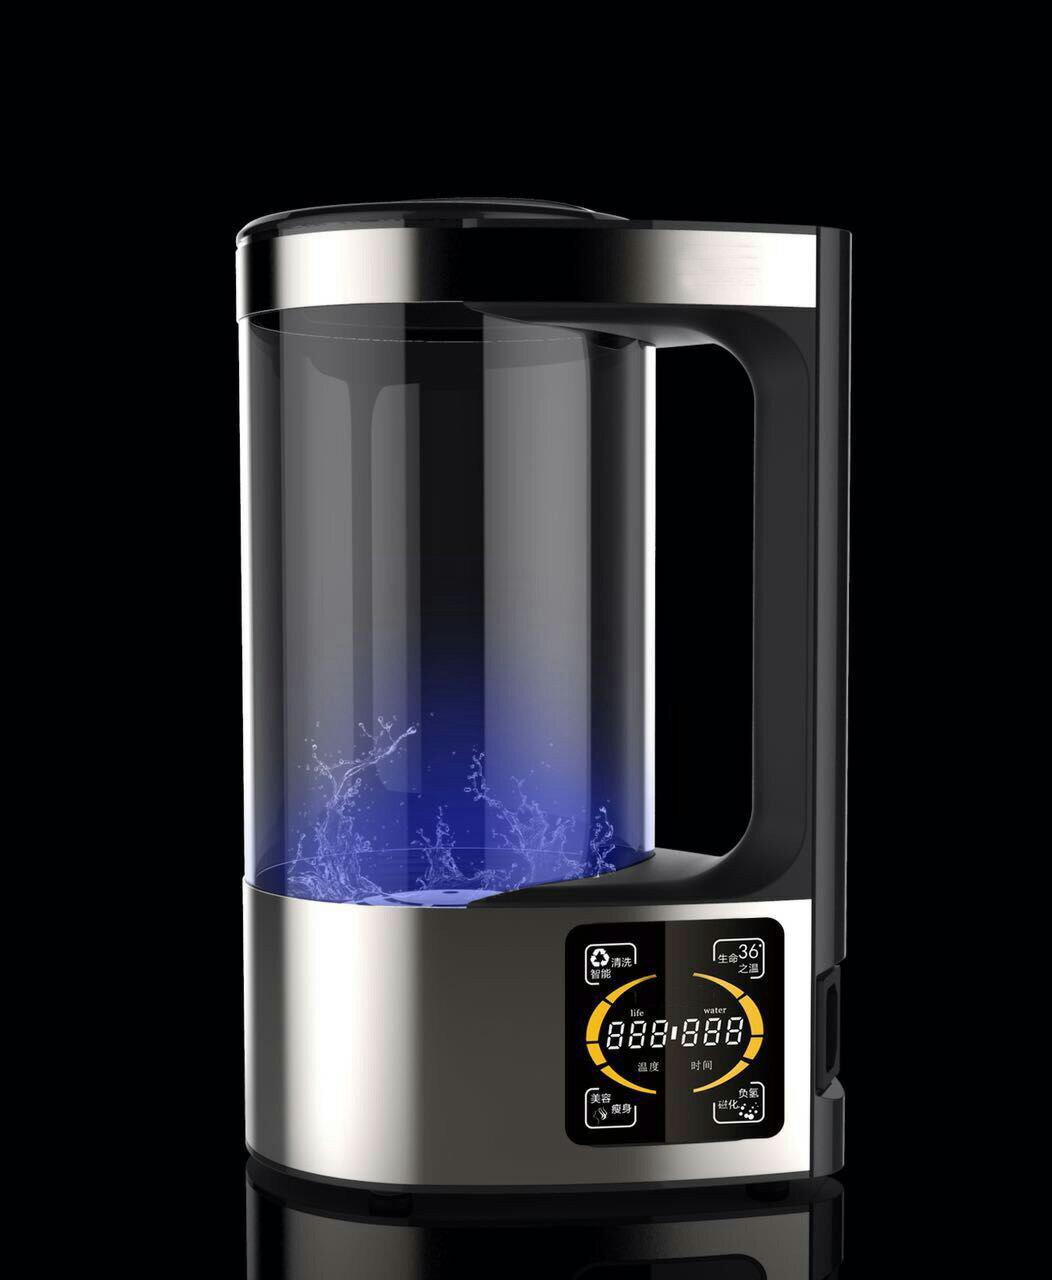 【香芝】2L富氫離子水壺 高濃度水素水生成器 時尚造型水機 負氫水負電位 精美禮盒包裝 免運費